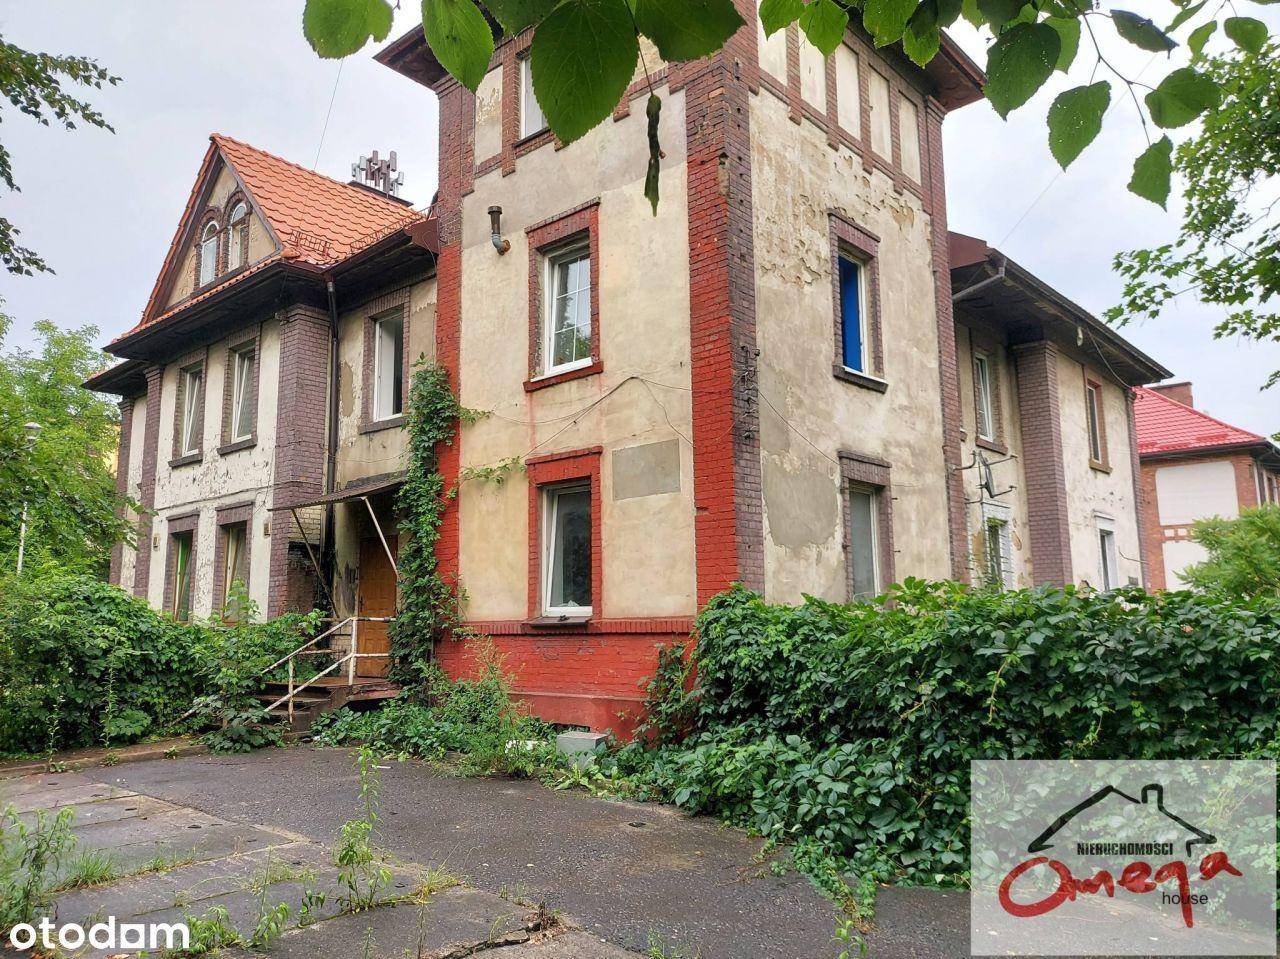 Lokal użytkowy, 36,13 m², Wojkowice